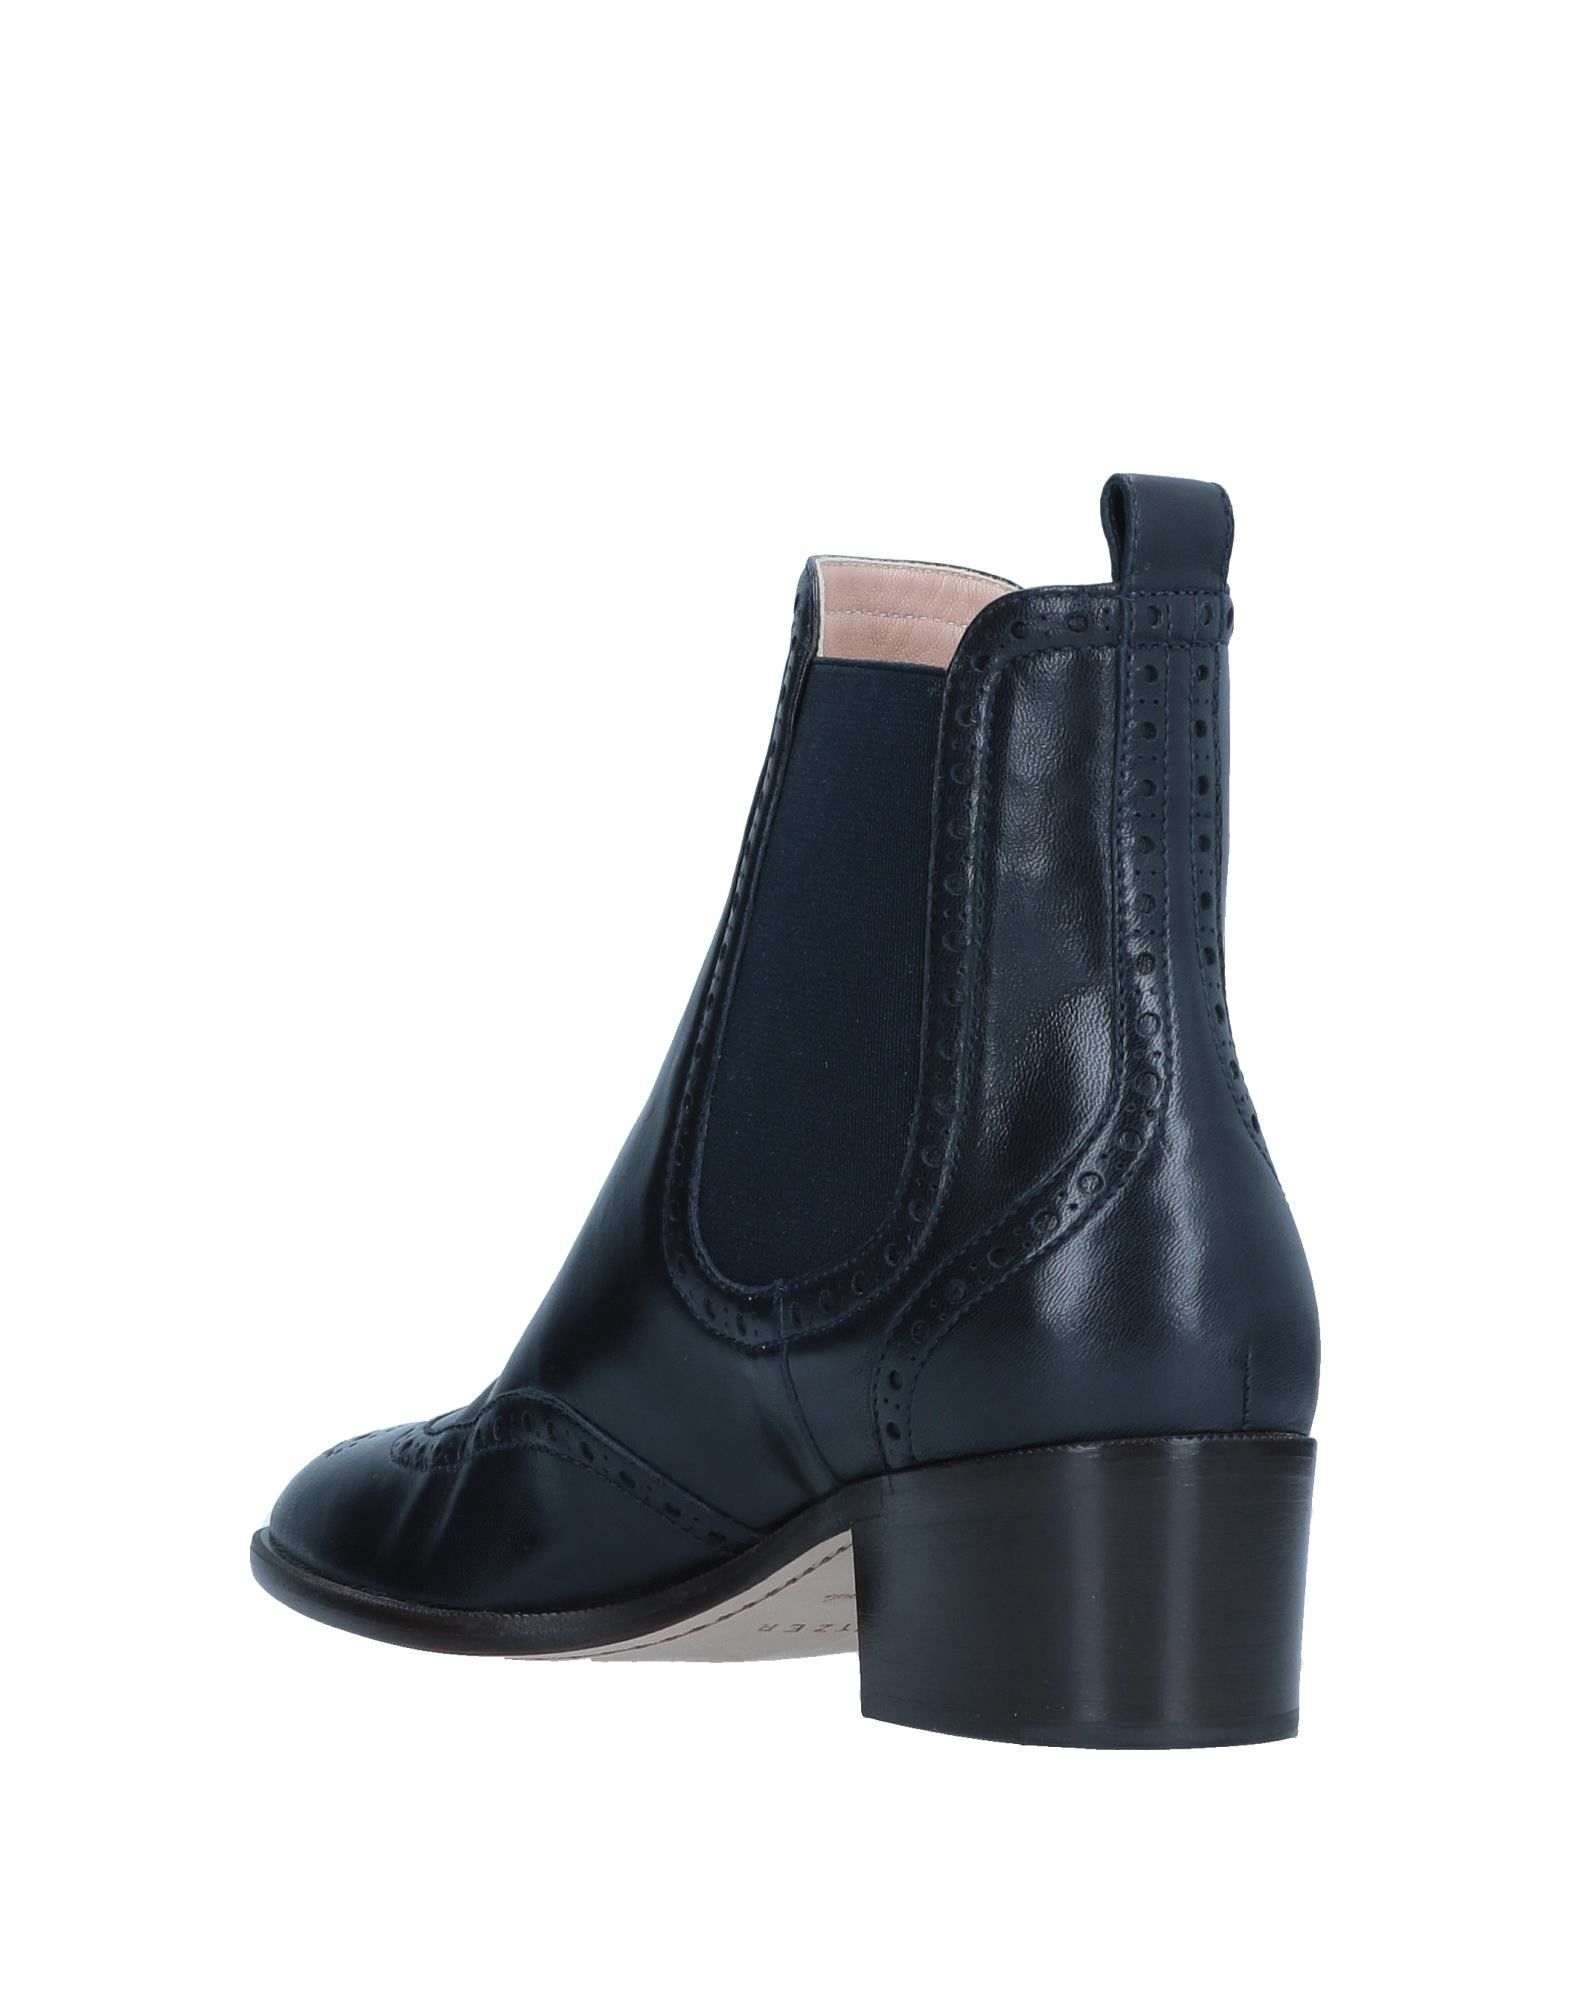 Rabatt Damen Schuhe Unützer Chelsea Stiefel Damen Rabatt  11527328IF 6c10da